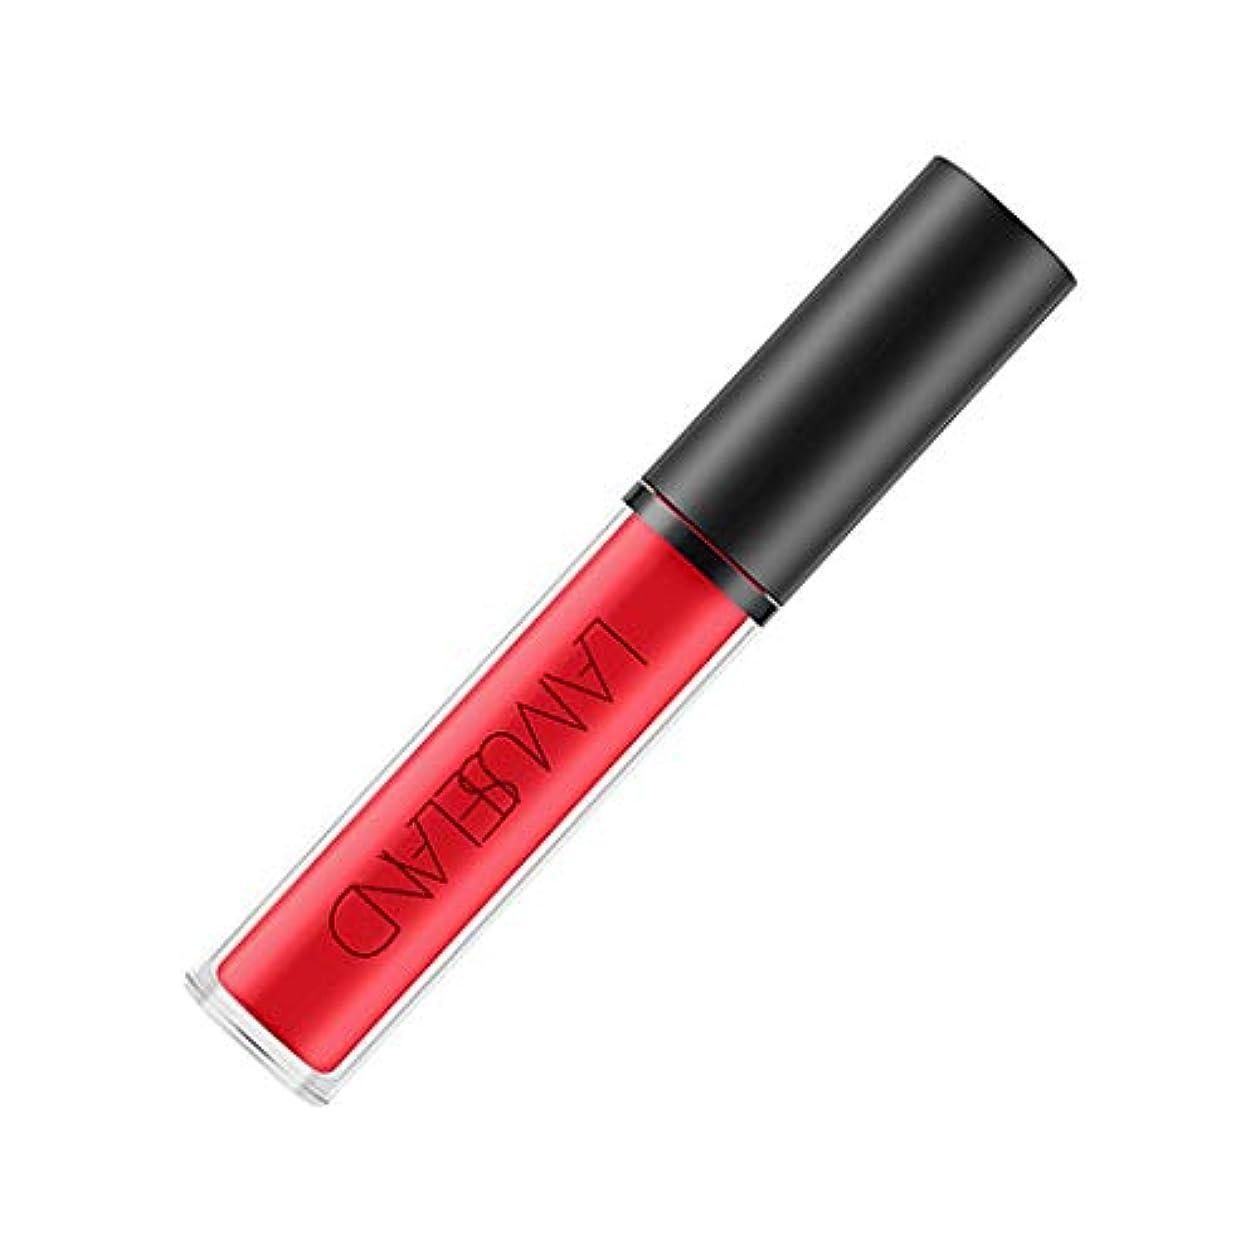 週末許容解釈無光沢のVelvetyの液体の口紅の女性のための防水唇の光沢の焦げ付き防止のコップ - チリ